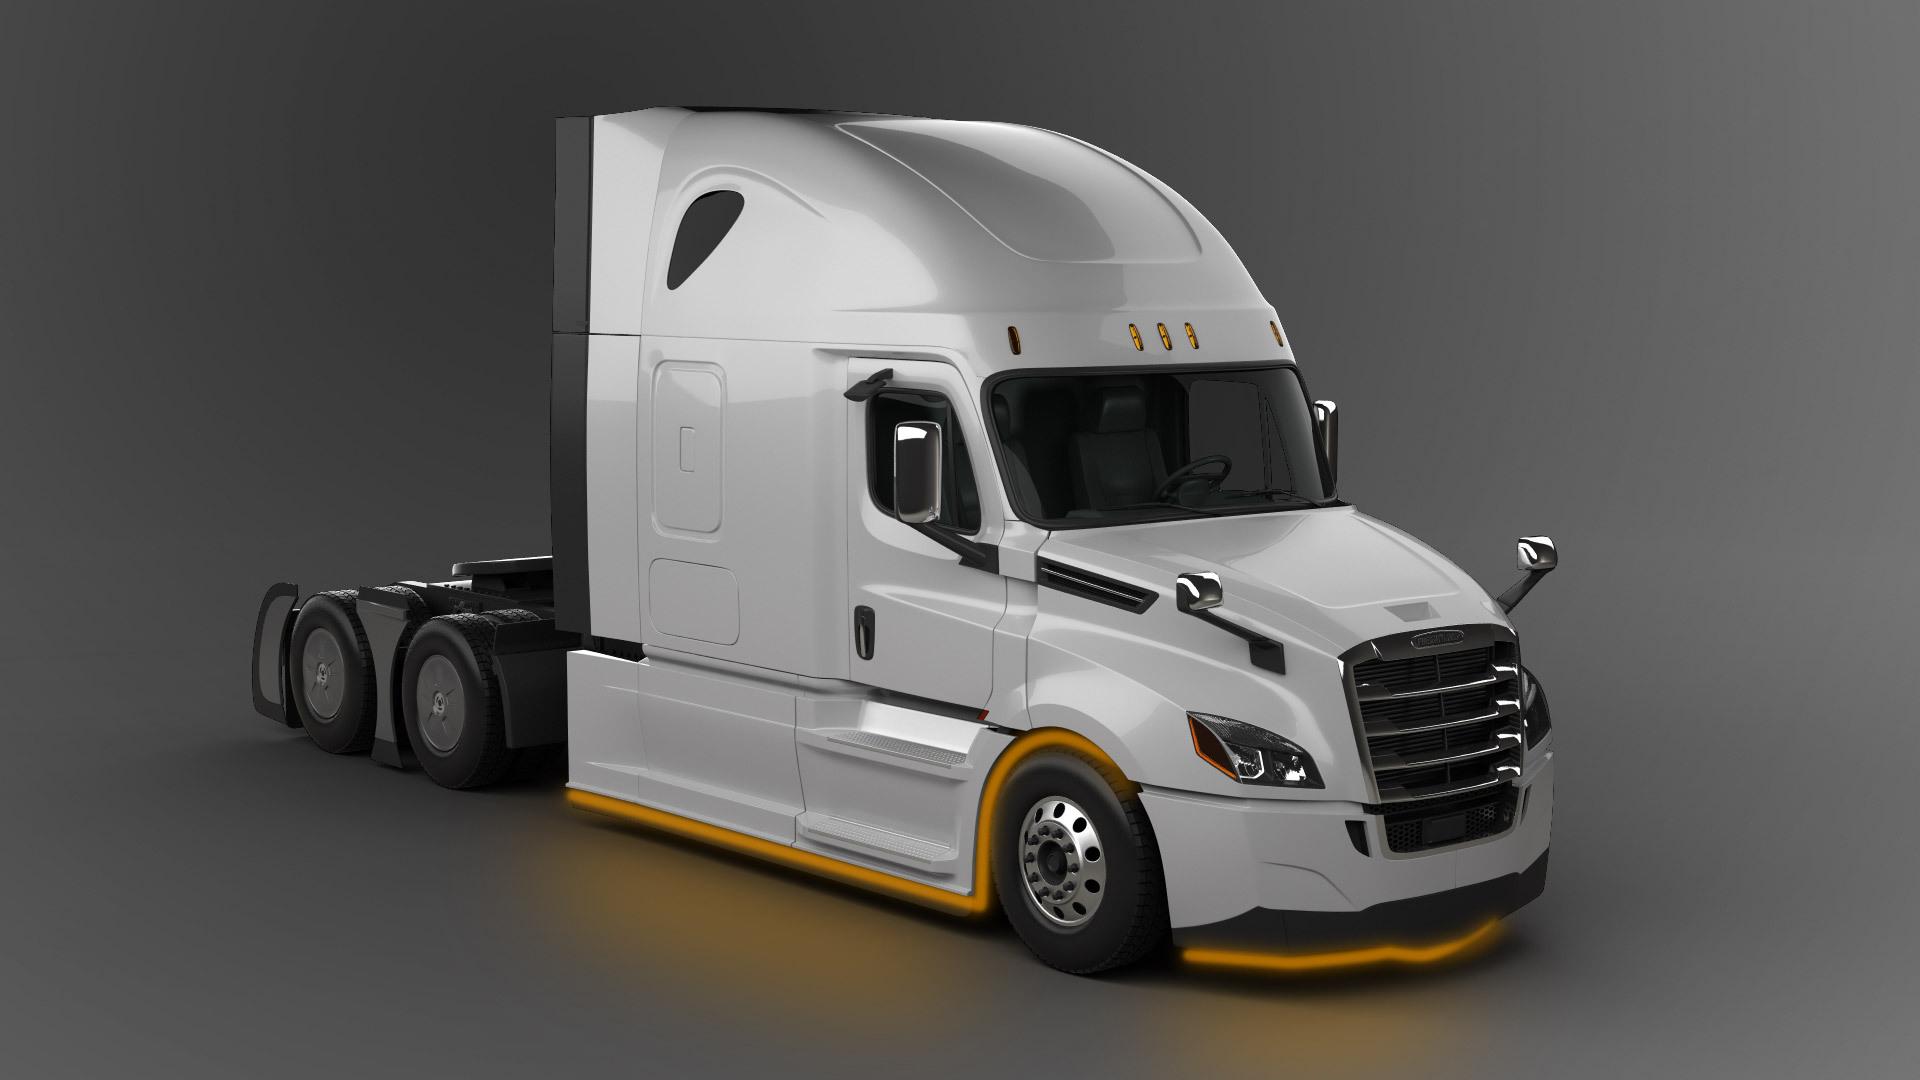 Truck LED Lighting underglow on Freightliner New Cascadia model